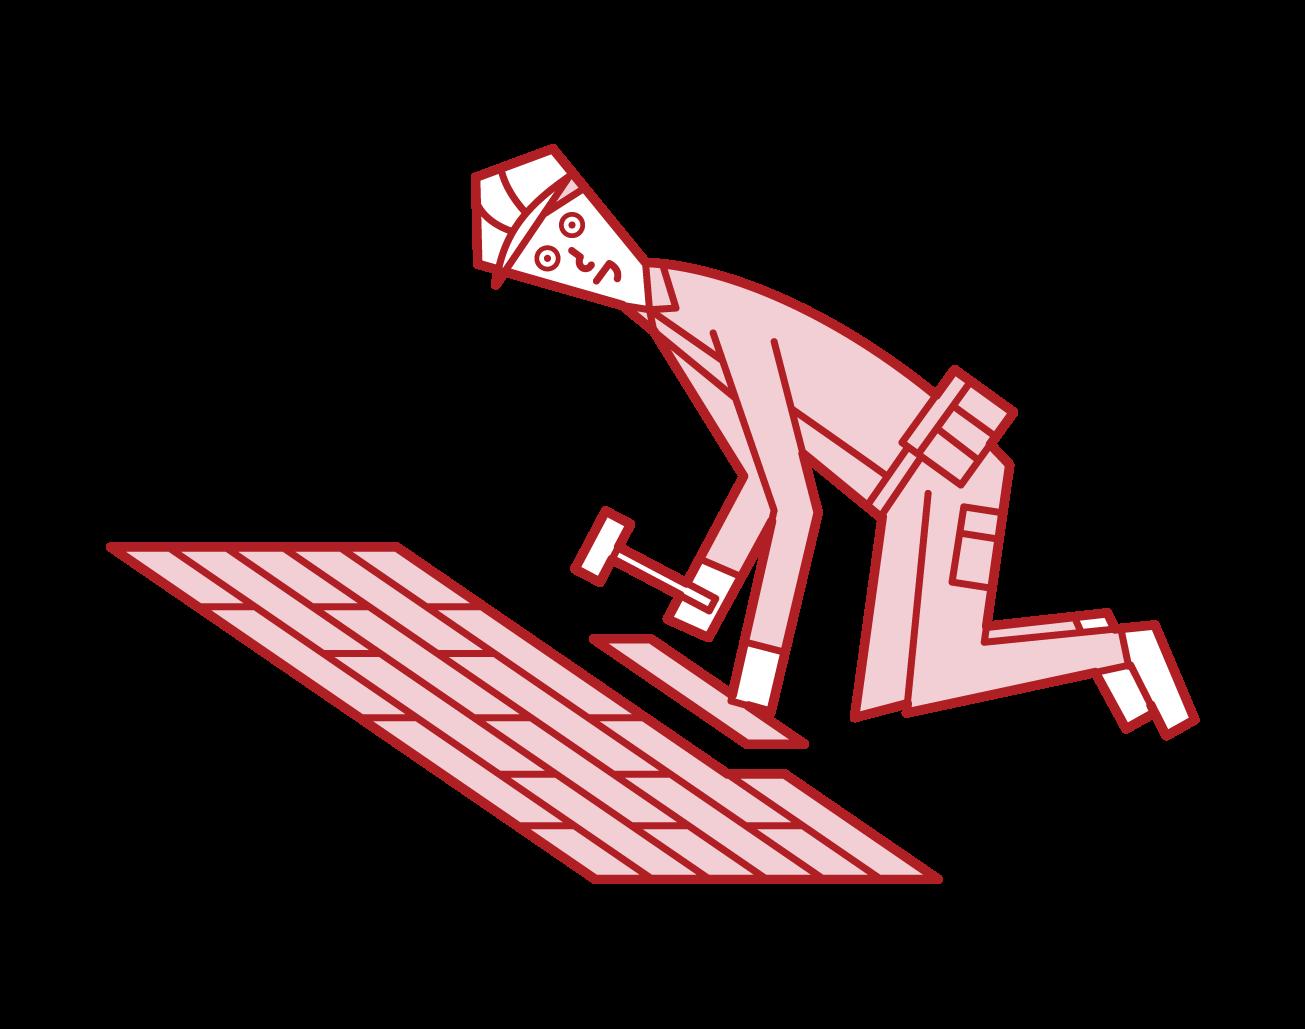 フローリングを貼る人・内装工事をする人(男性)のイラスト